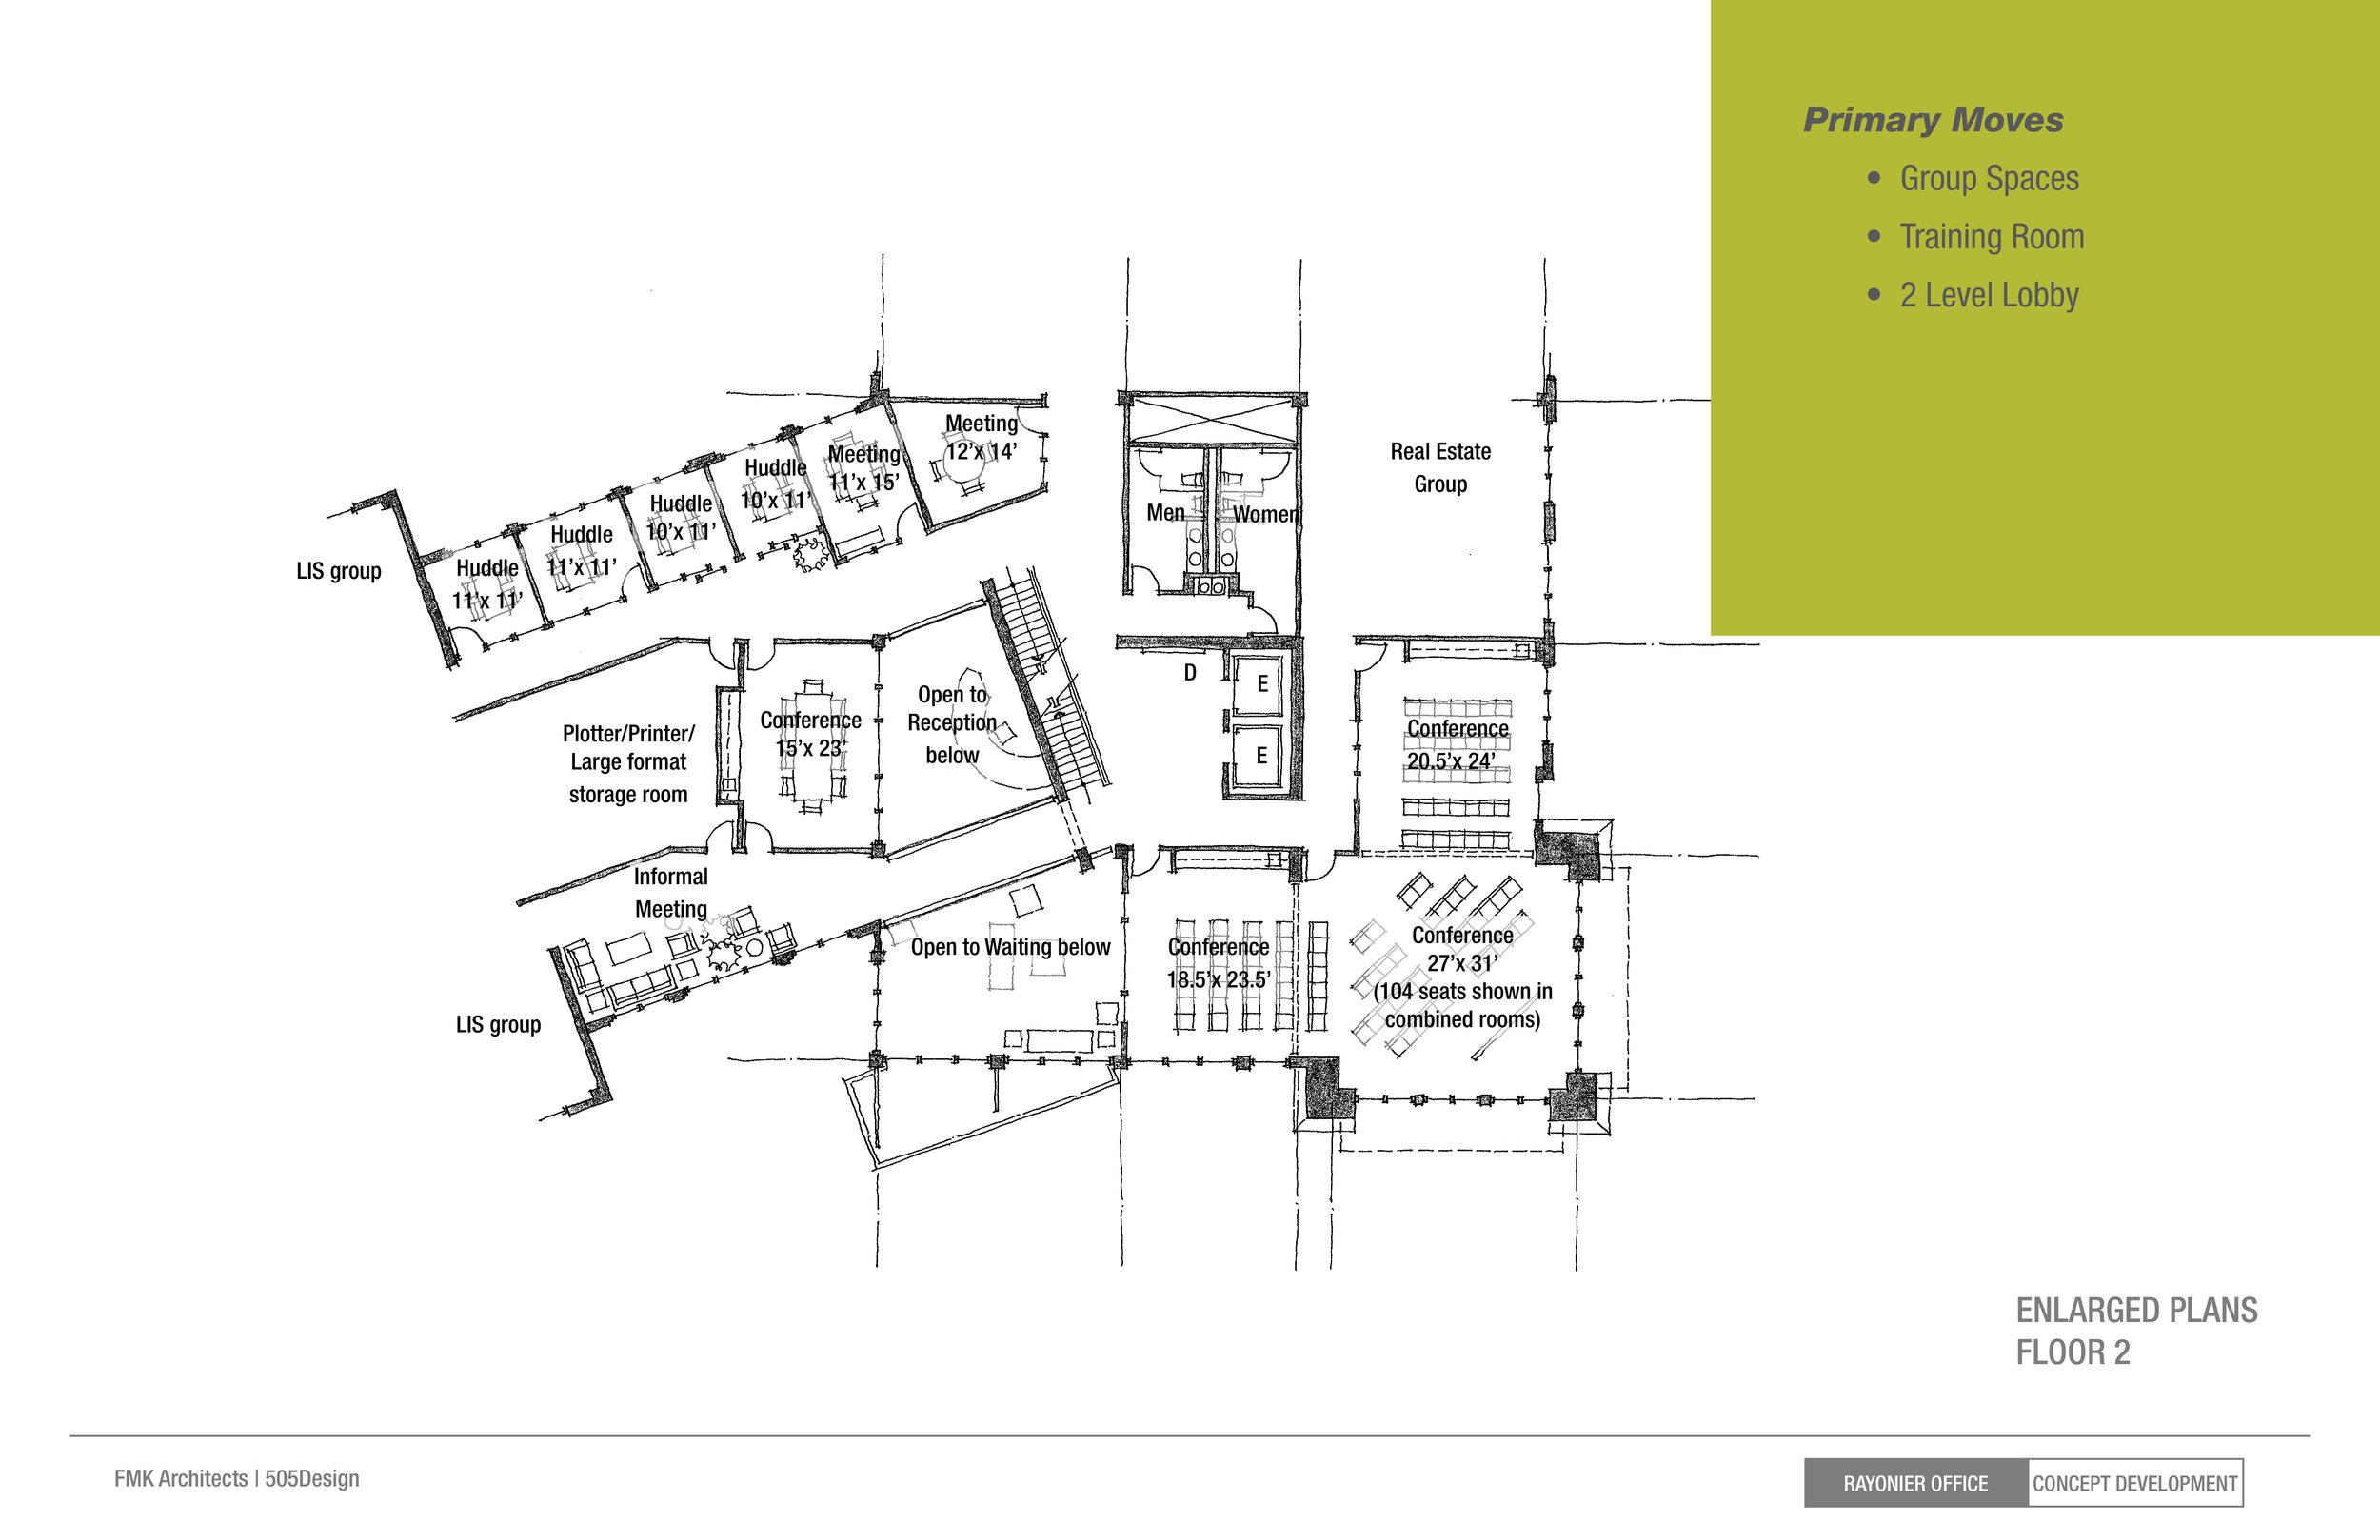 primarymoves-floor2.jpg